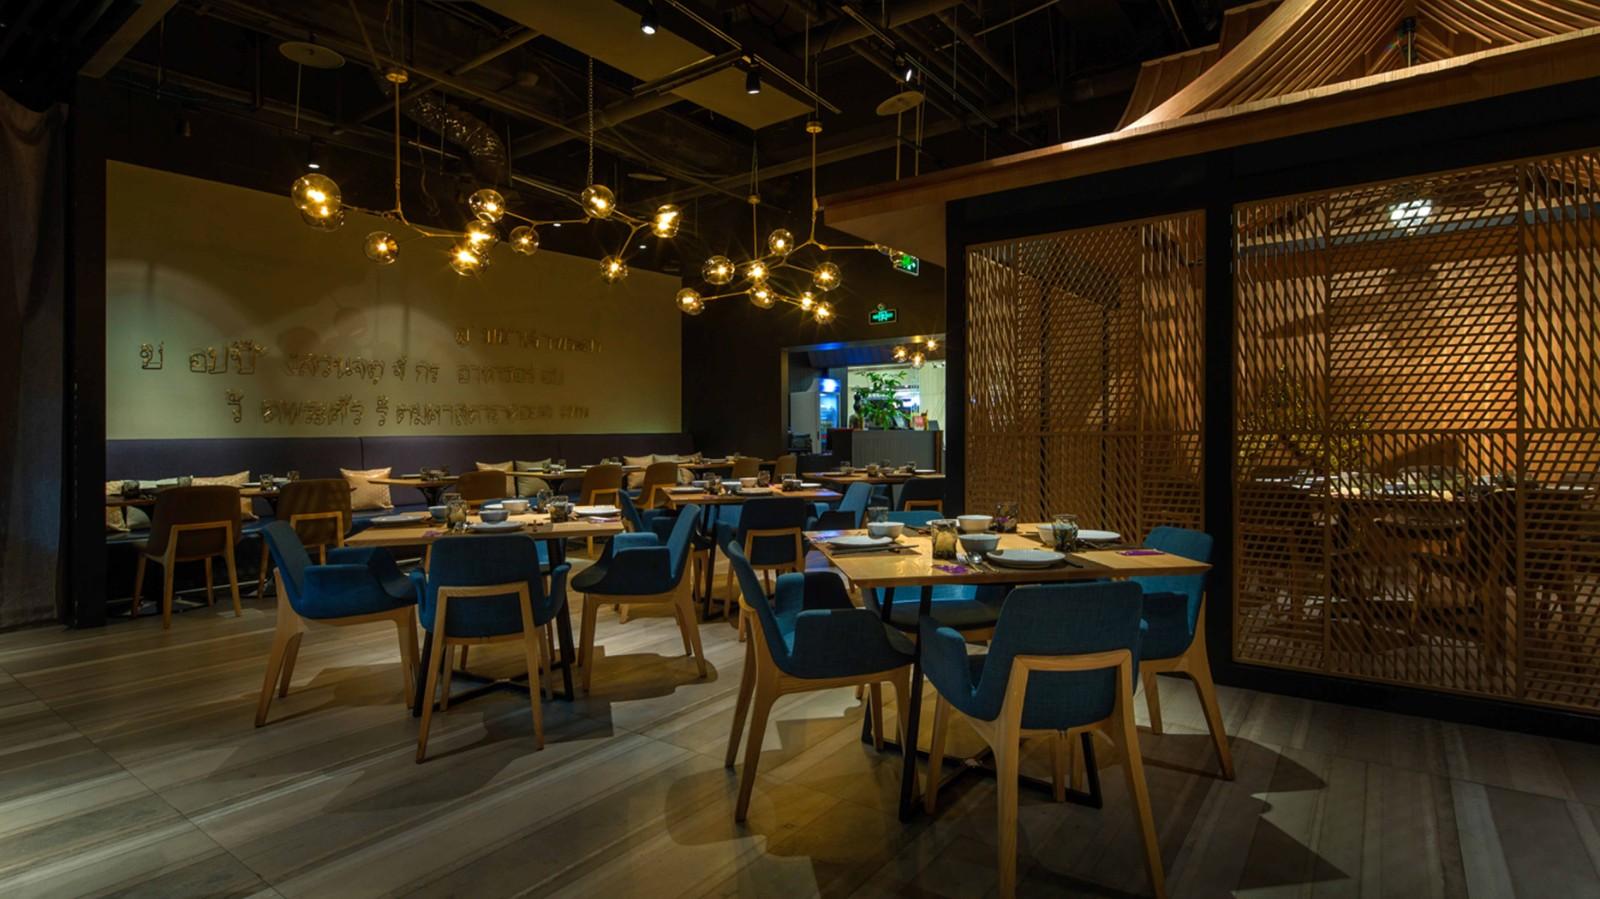 泰香米 · 泰国餐厅